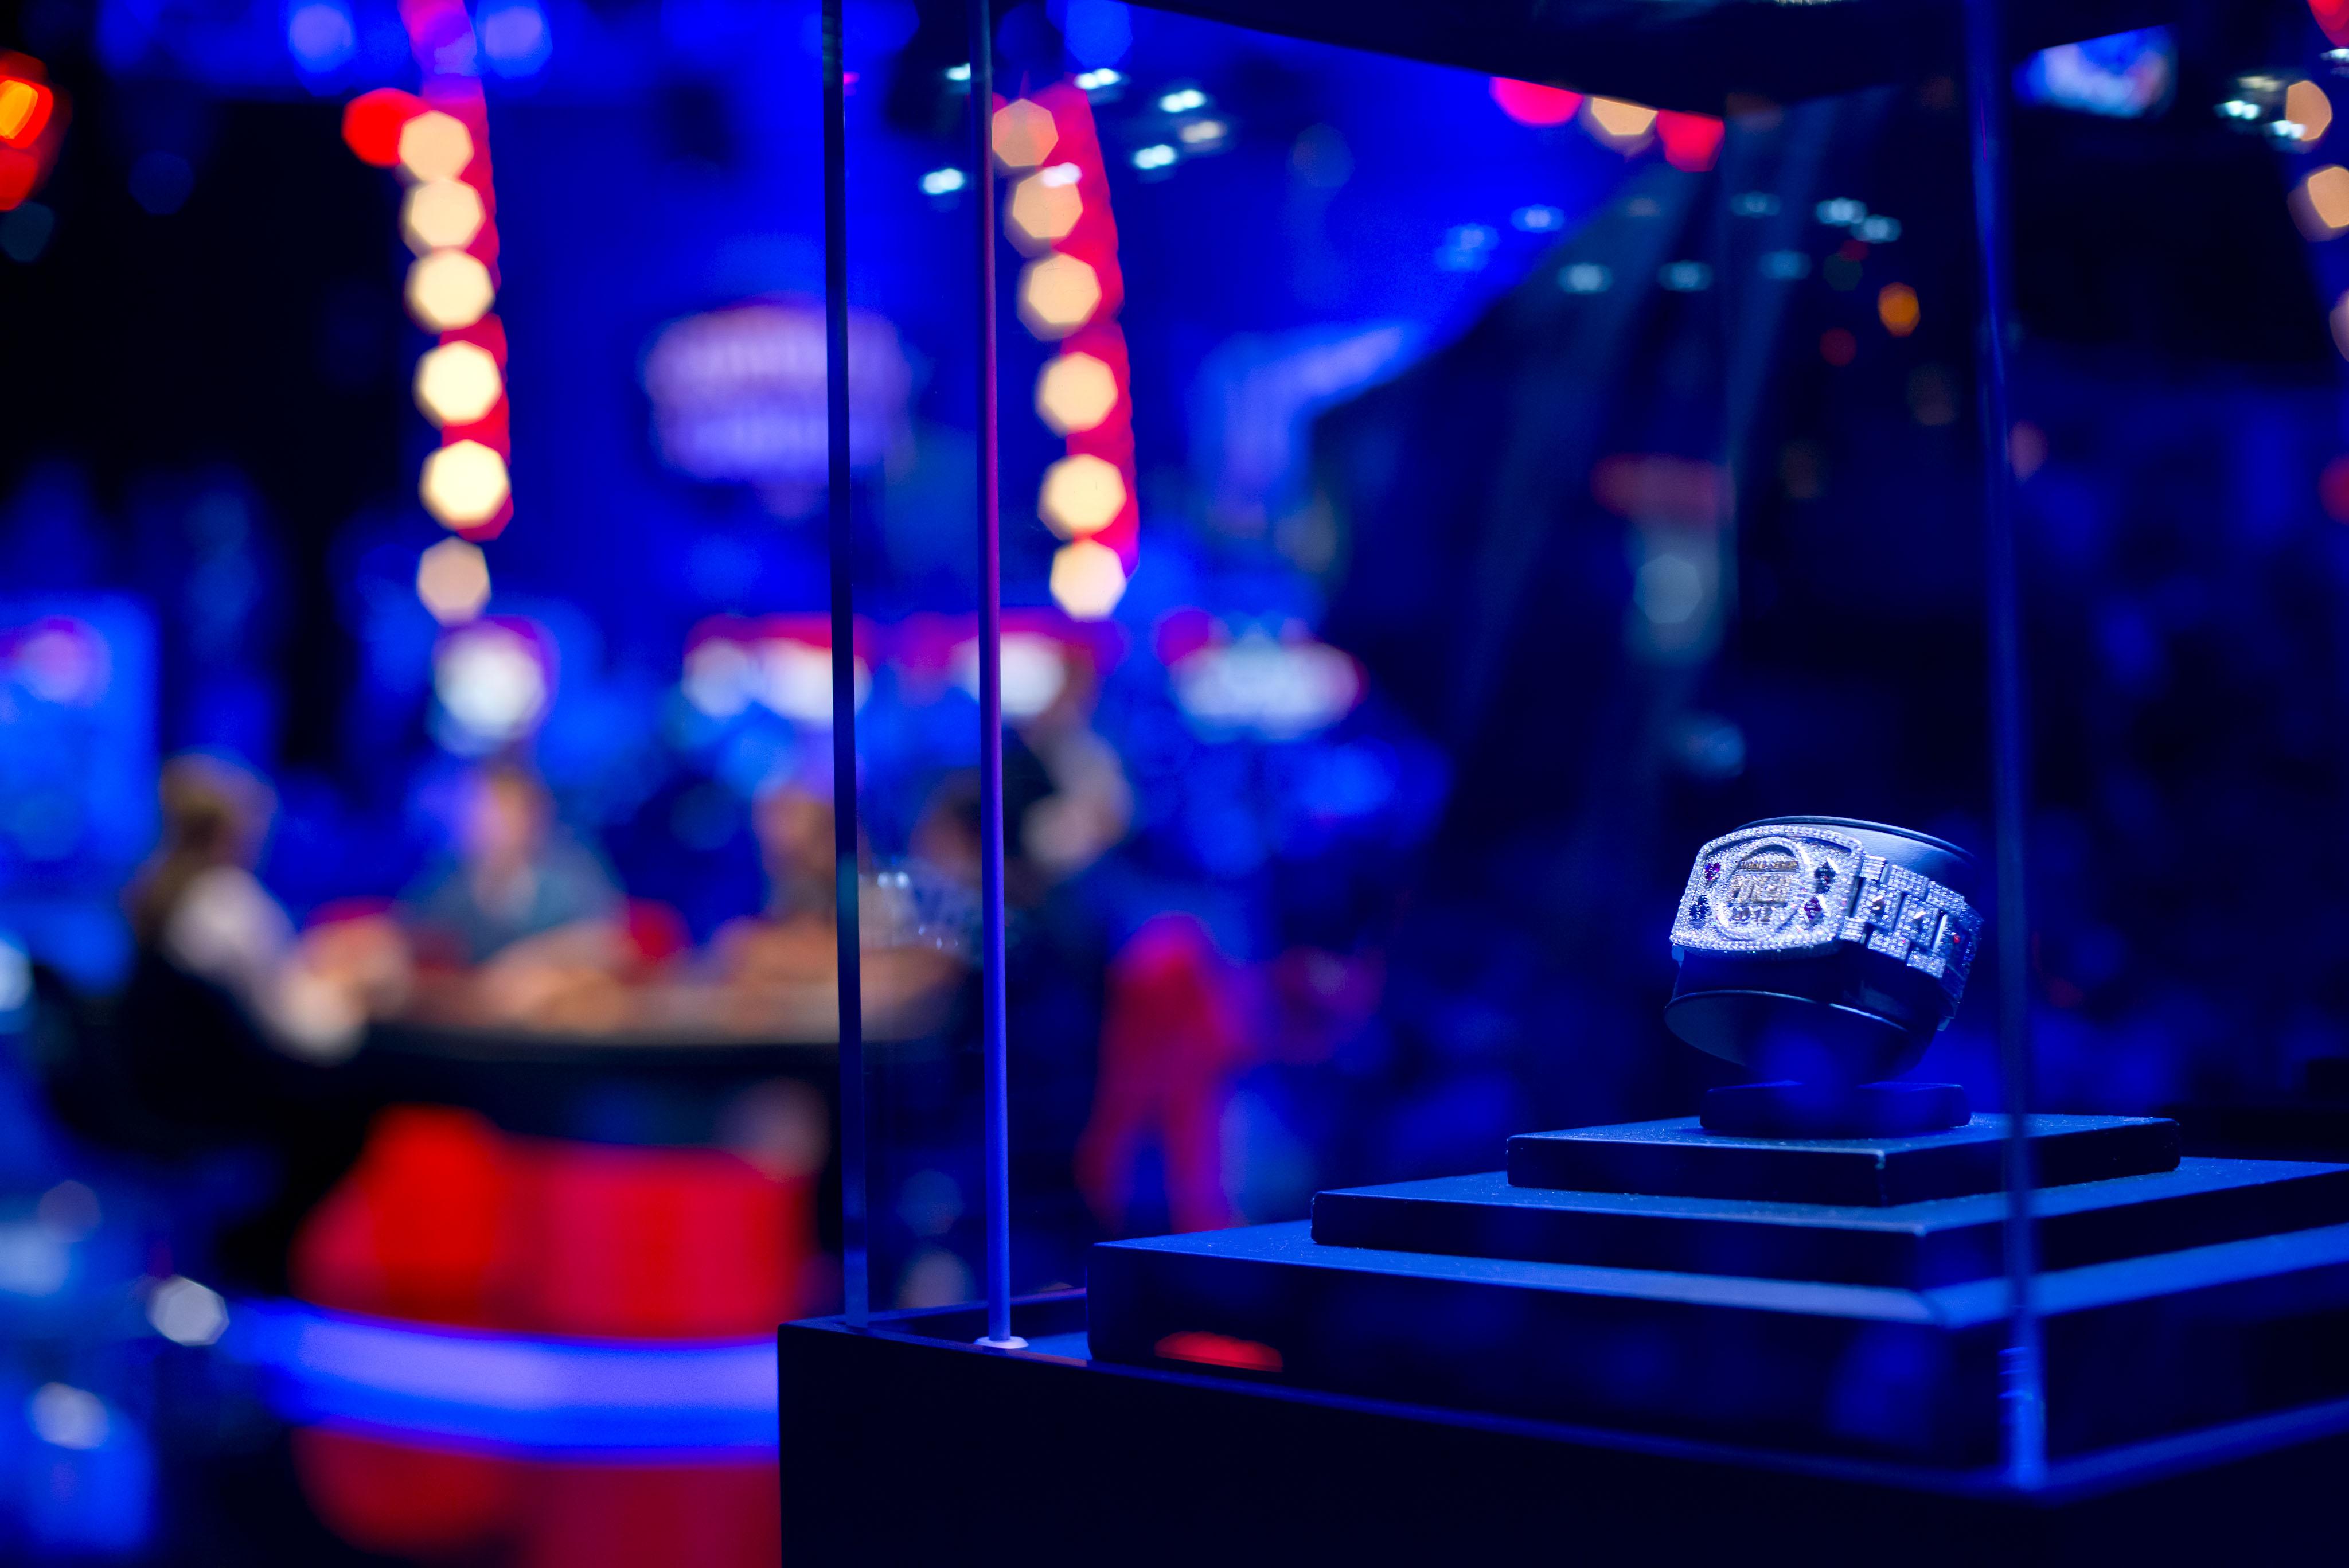 Dbd killer roulette wheel